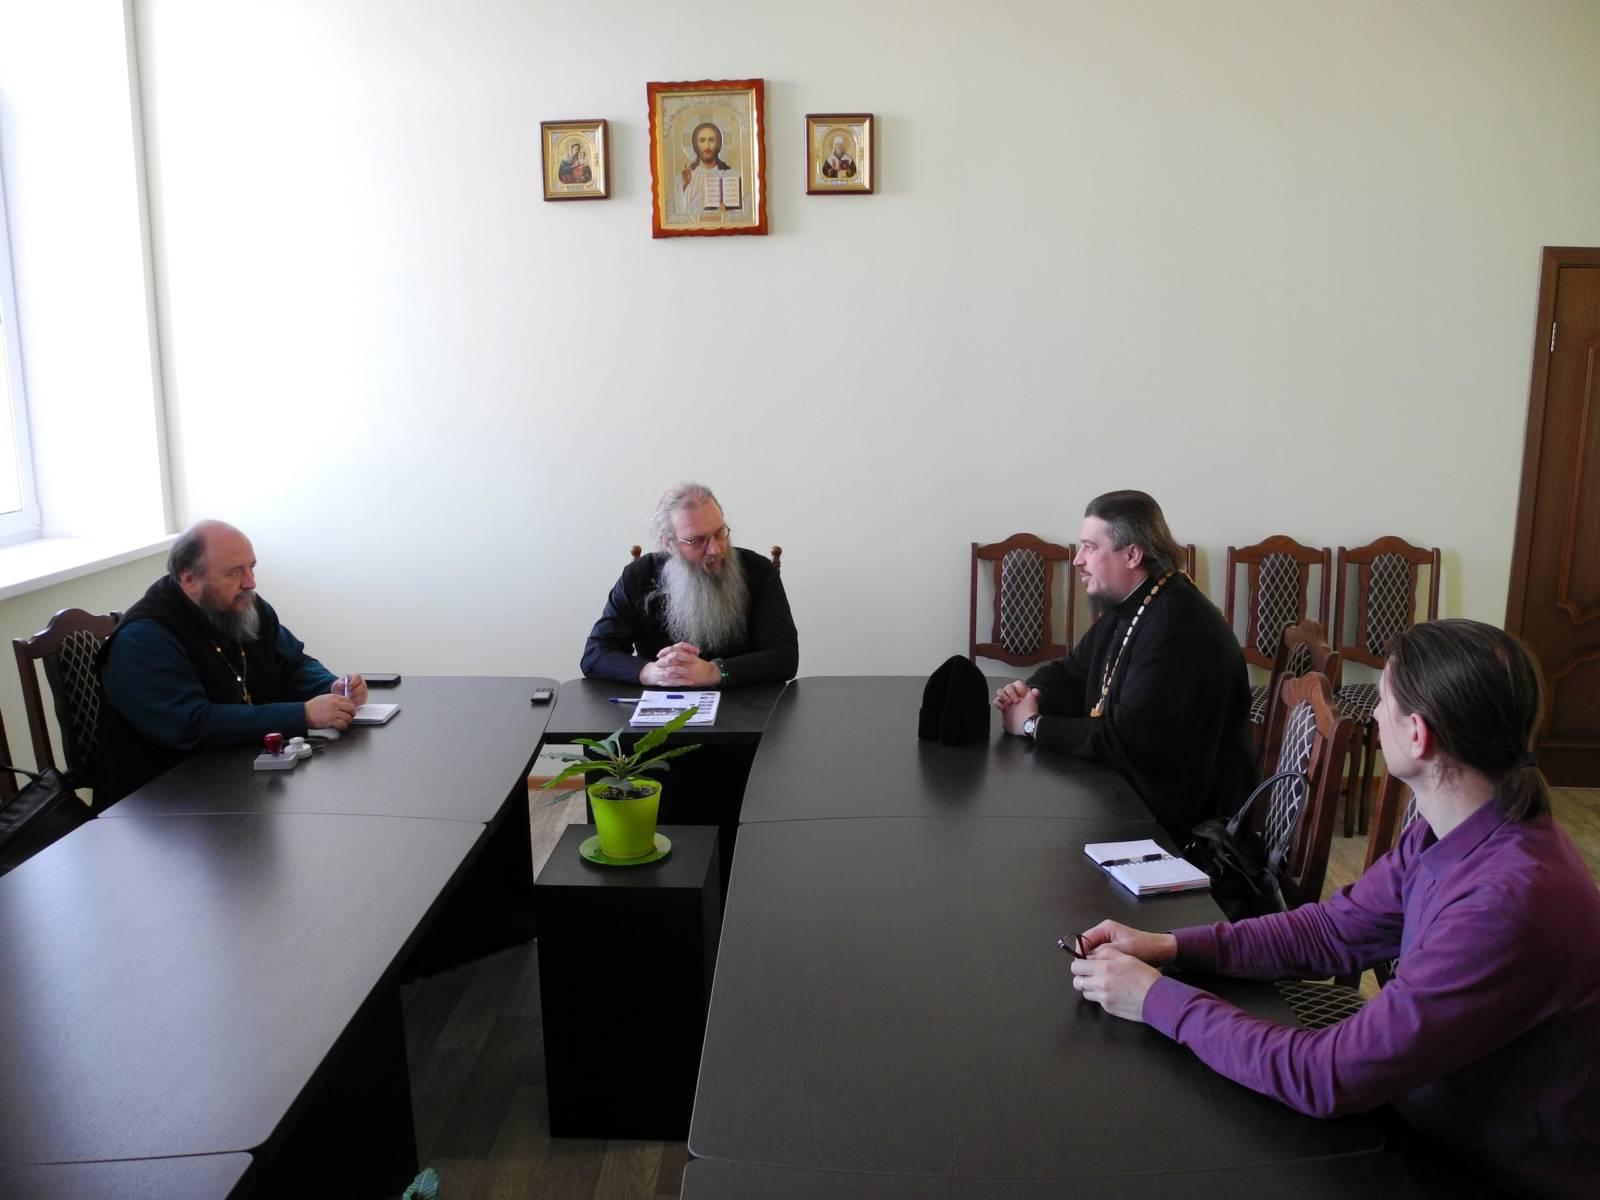 Заседание редколлегии в епархиальном управлении под председательством епископа Урюпинского и Новоаннинского Елисея.